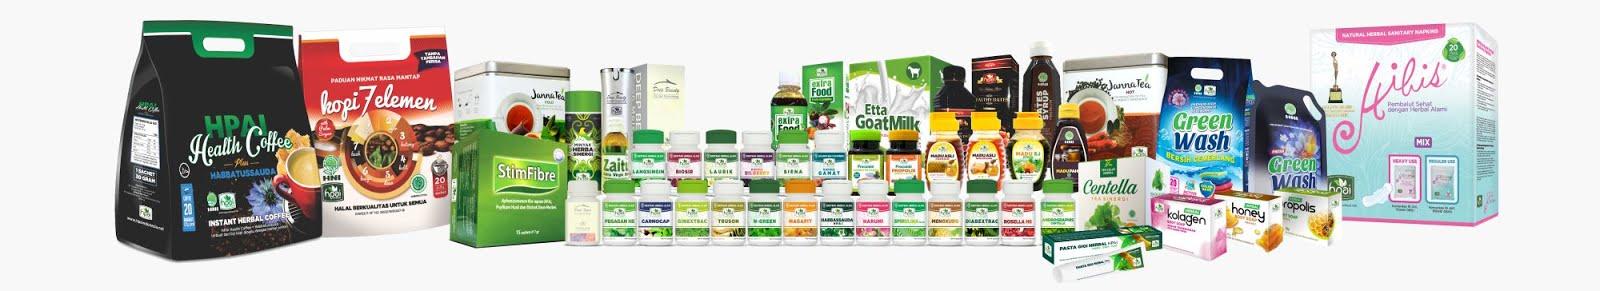 Bisnis Jaman Now - Hijrah Produk Yuks bersama HNI HPAI